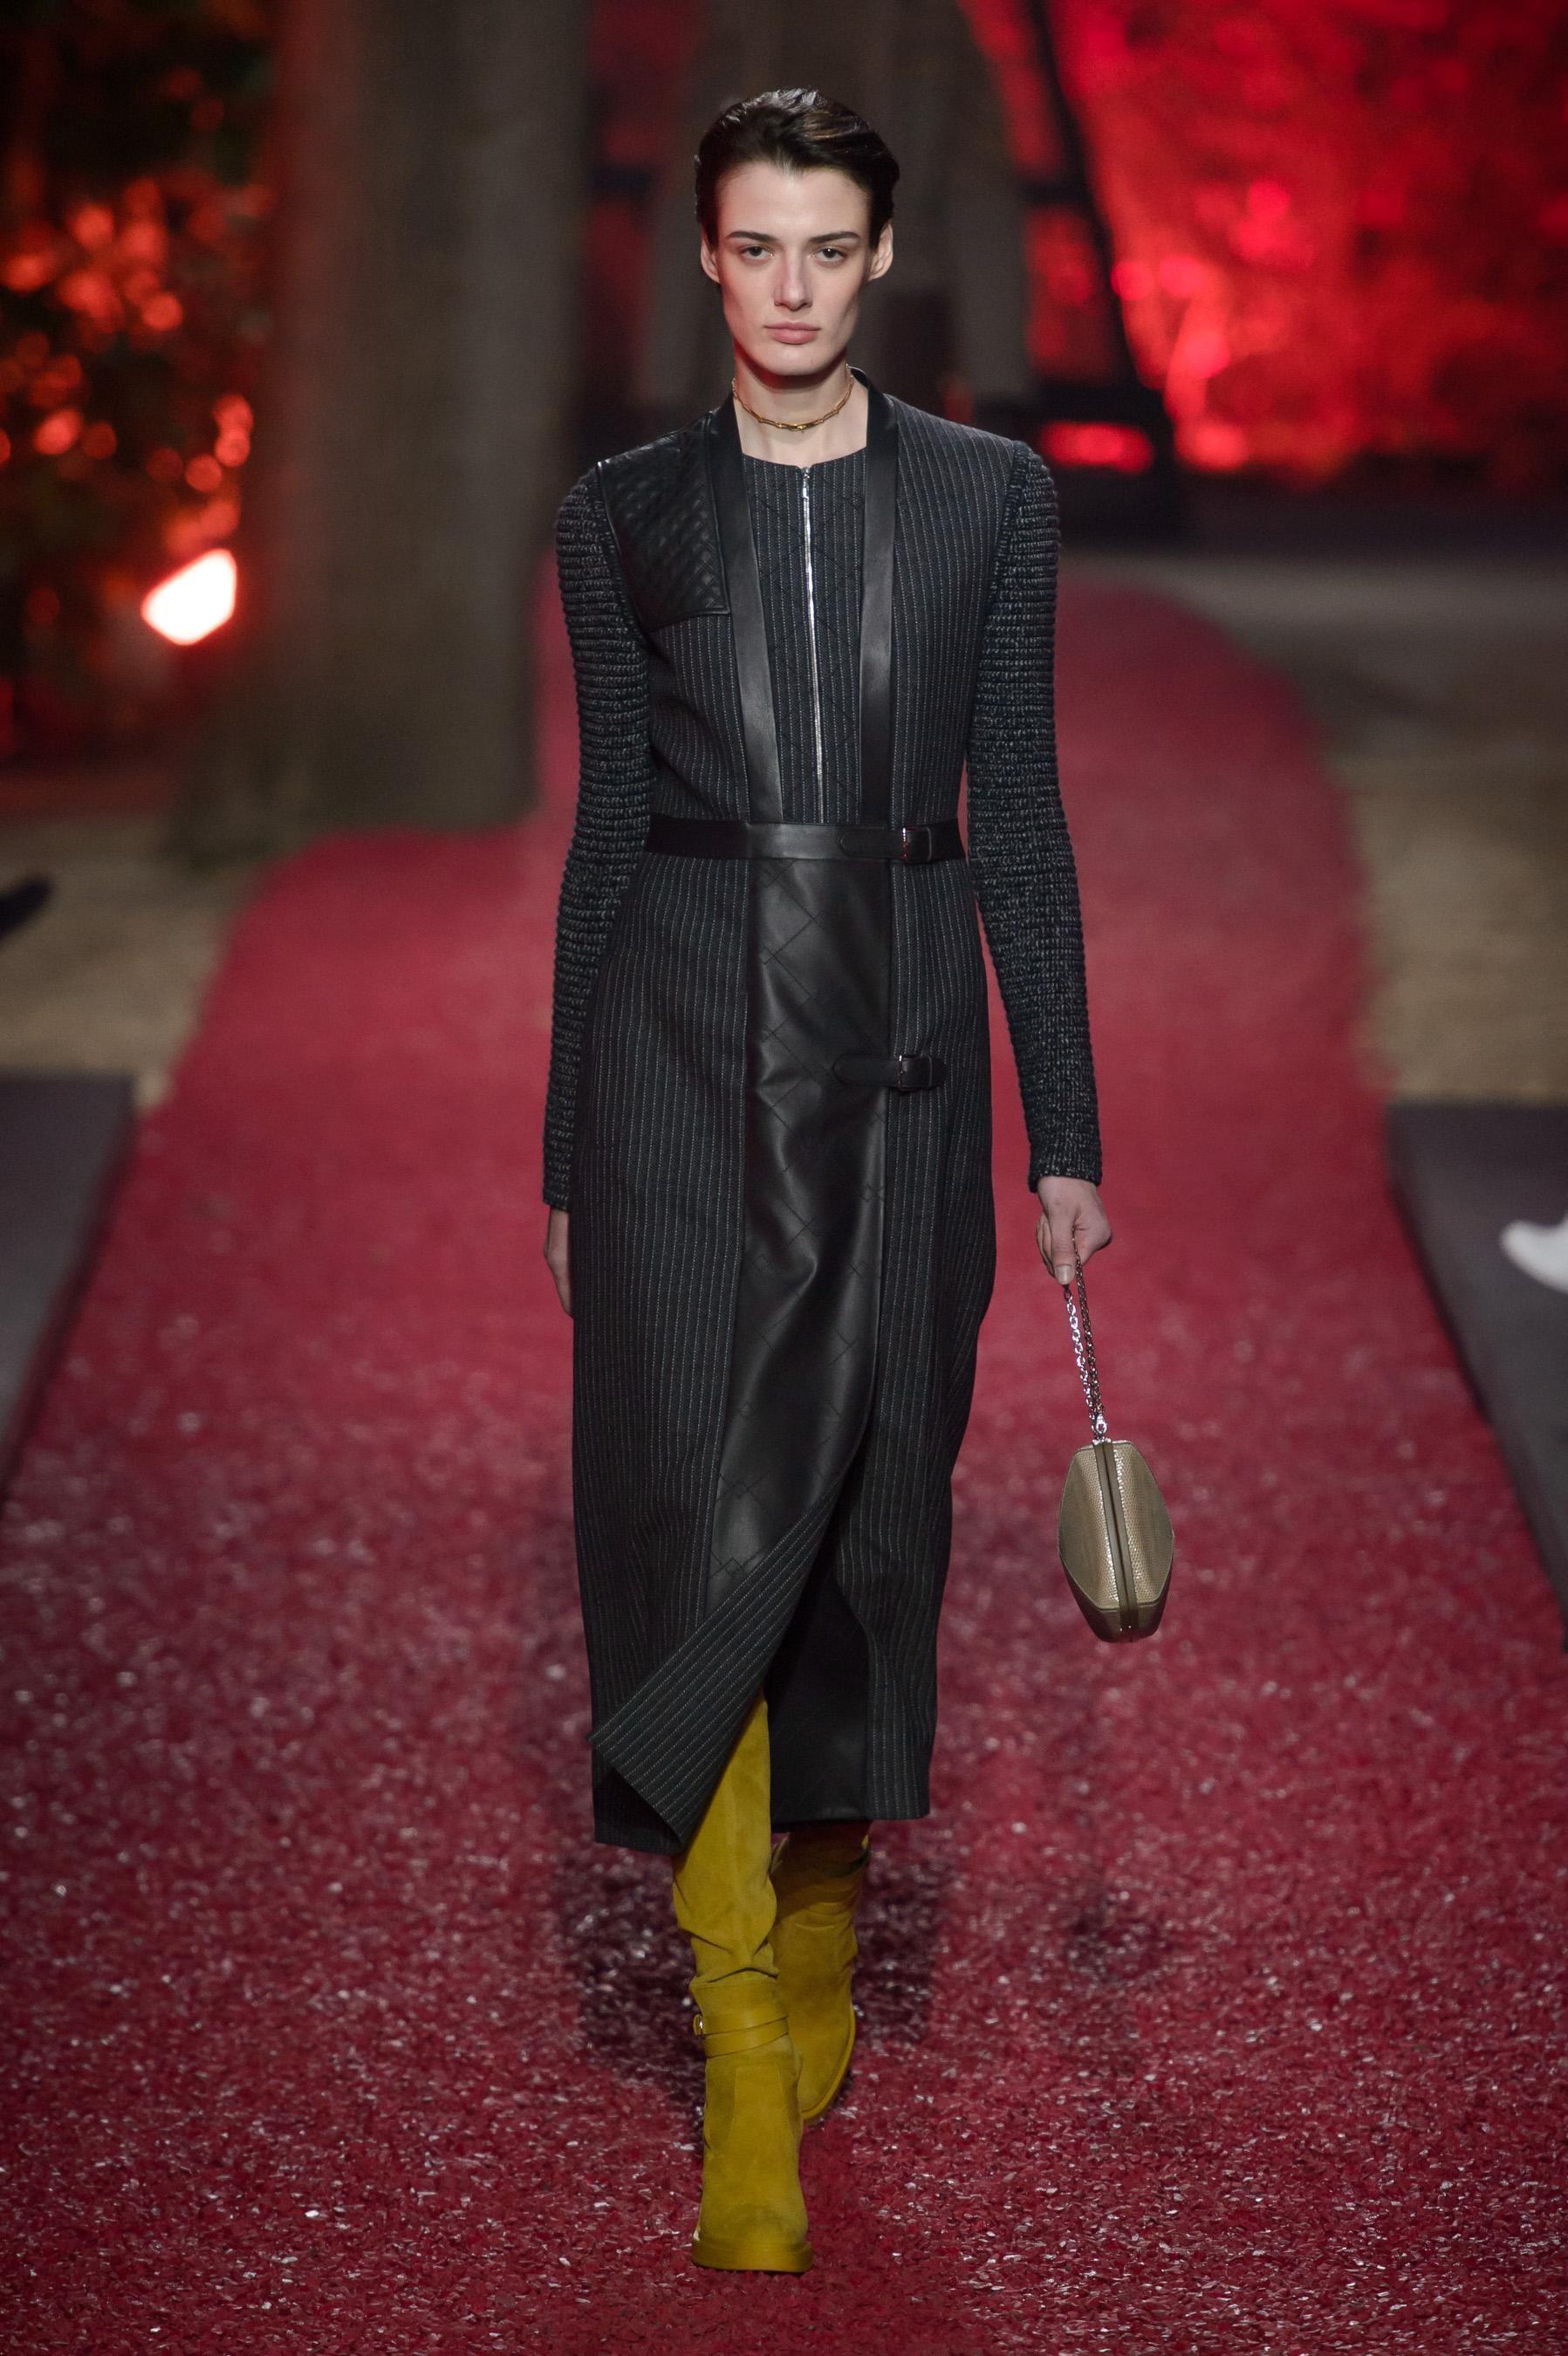 c5785c4af49 Défilé Hermès automne-hiver 2018-2019 Prêt-à-porter - Madame Figaro